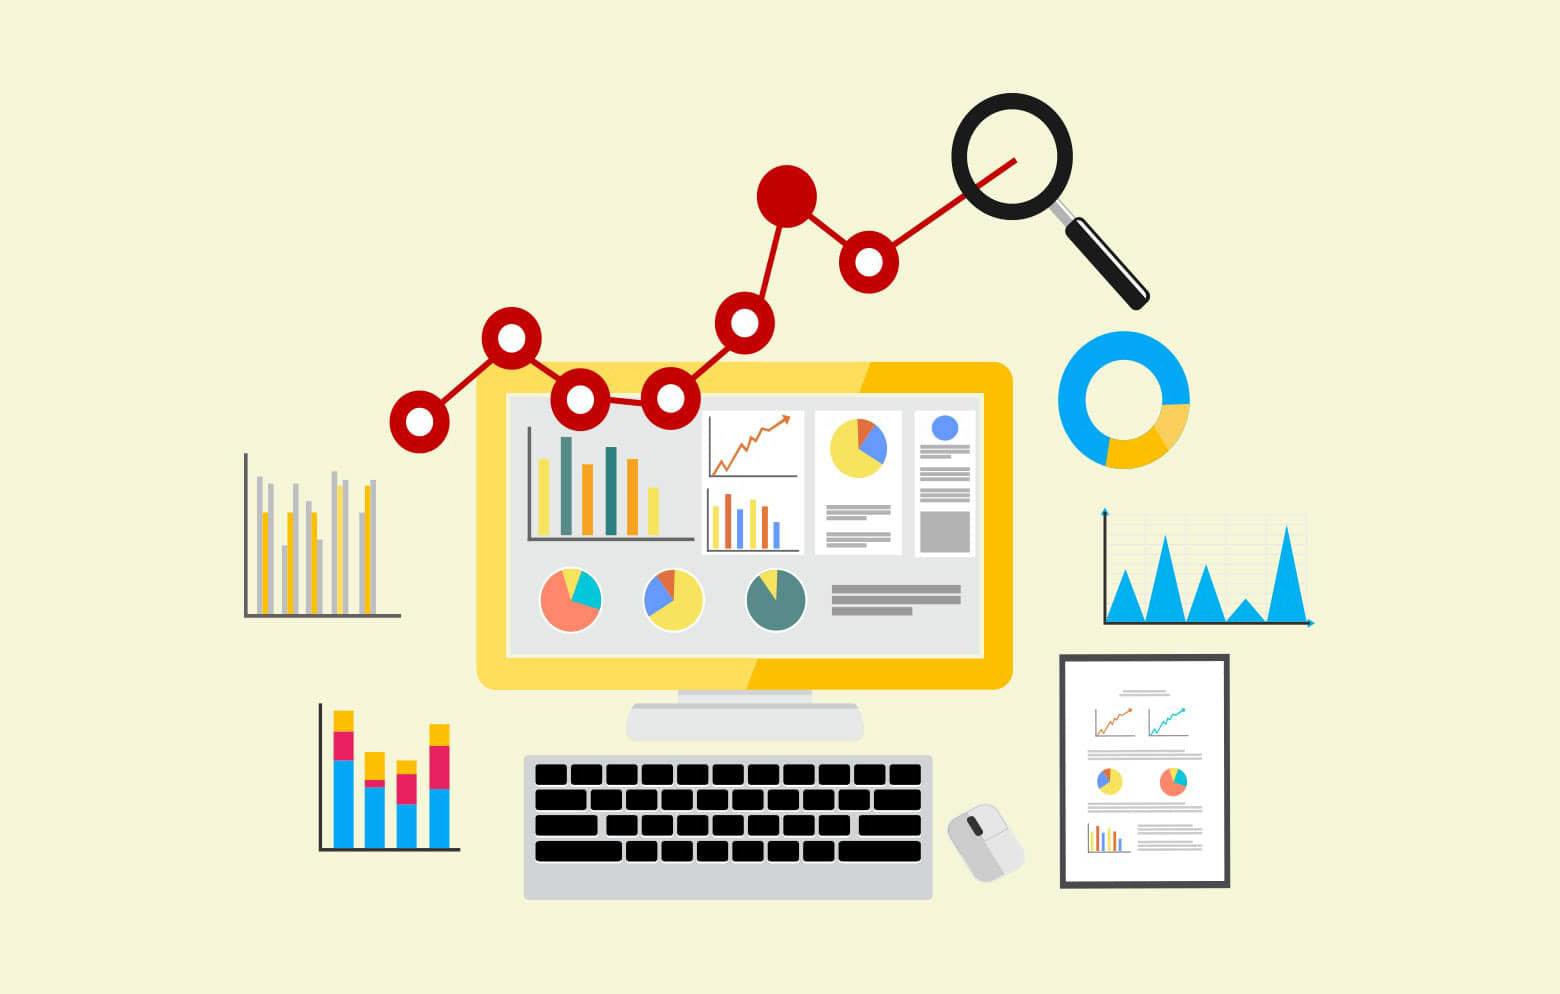 Kinh nghiệm kế toán dành cho nhóm ngàng truyền thông quảng cáo